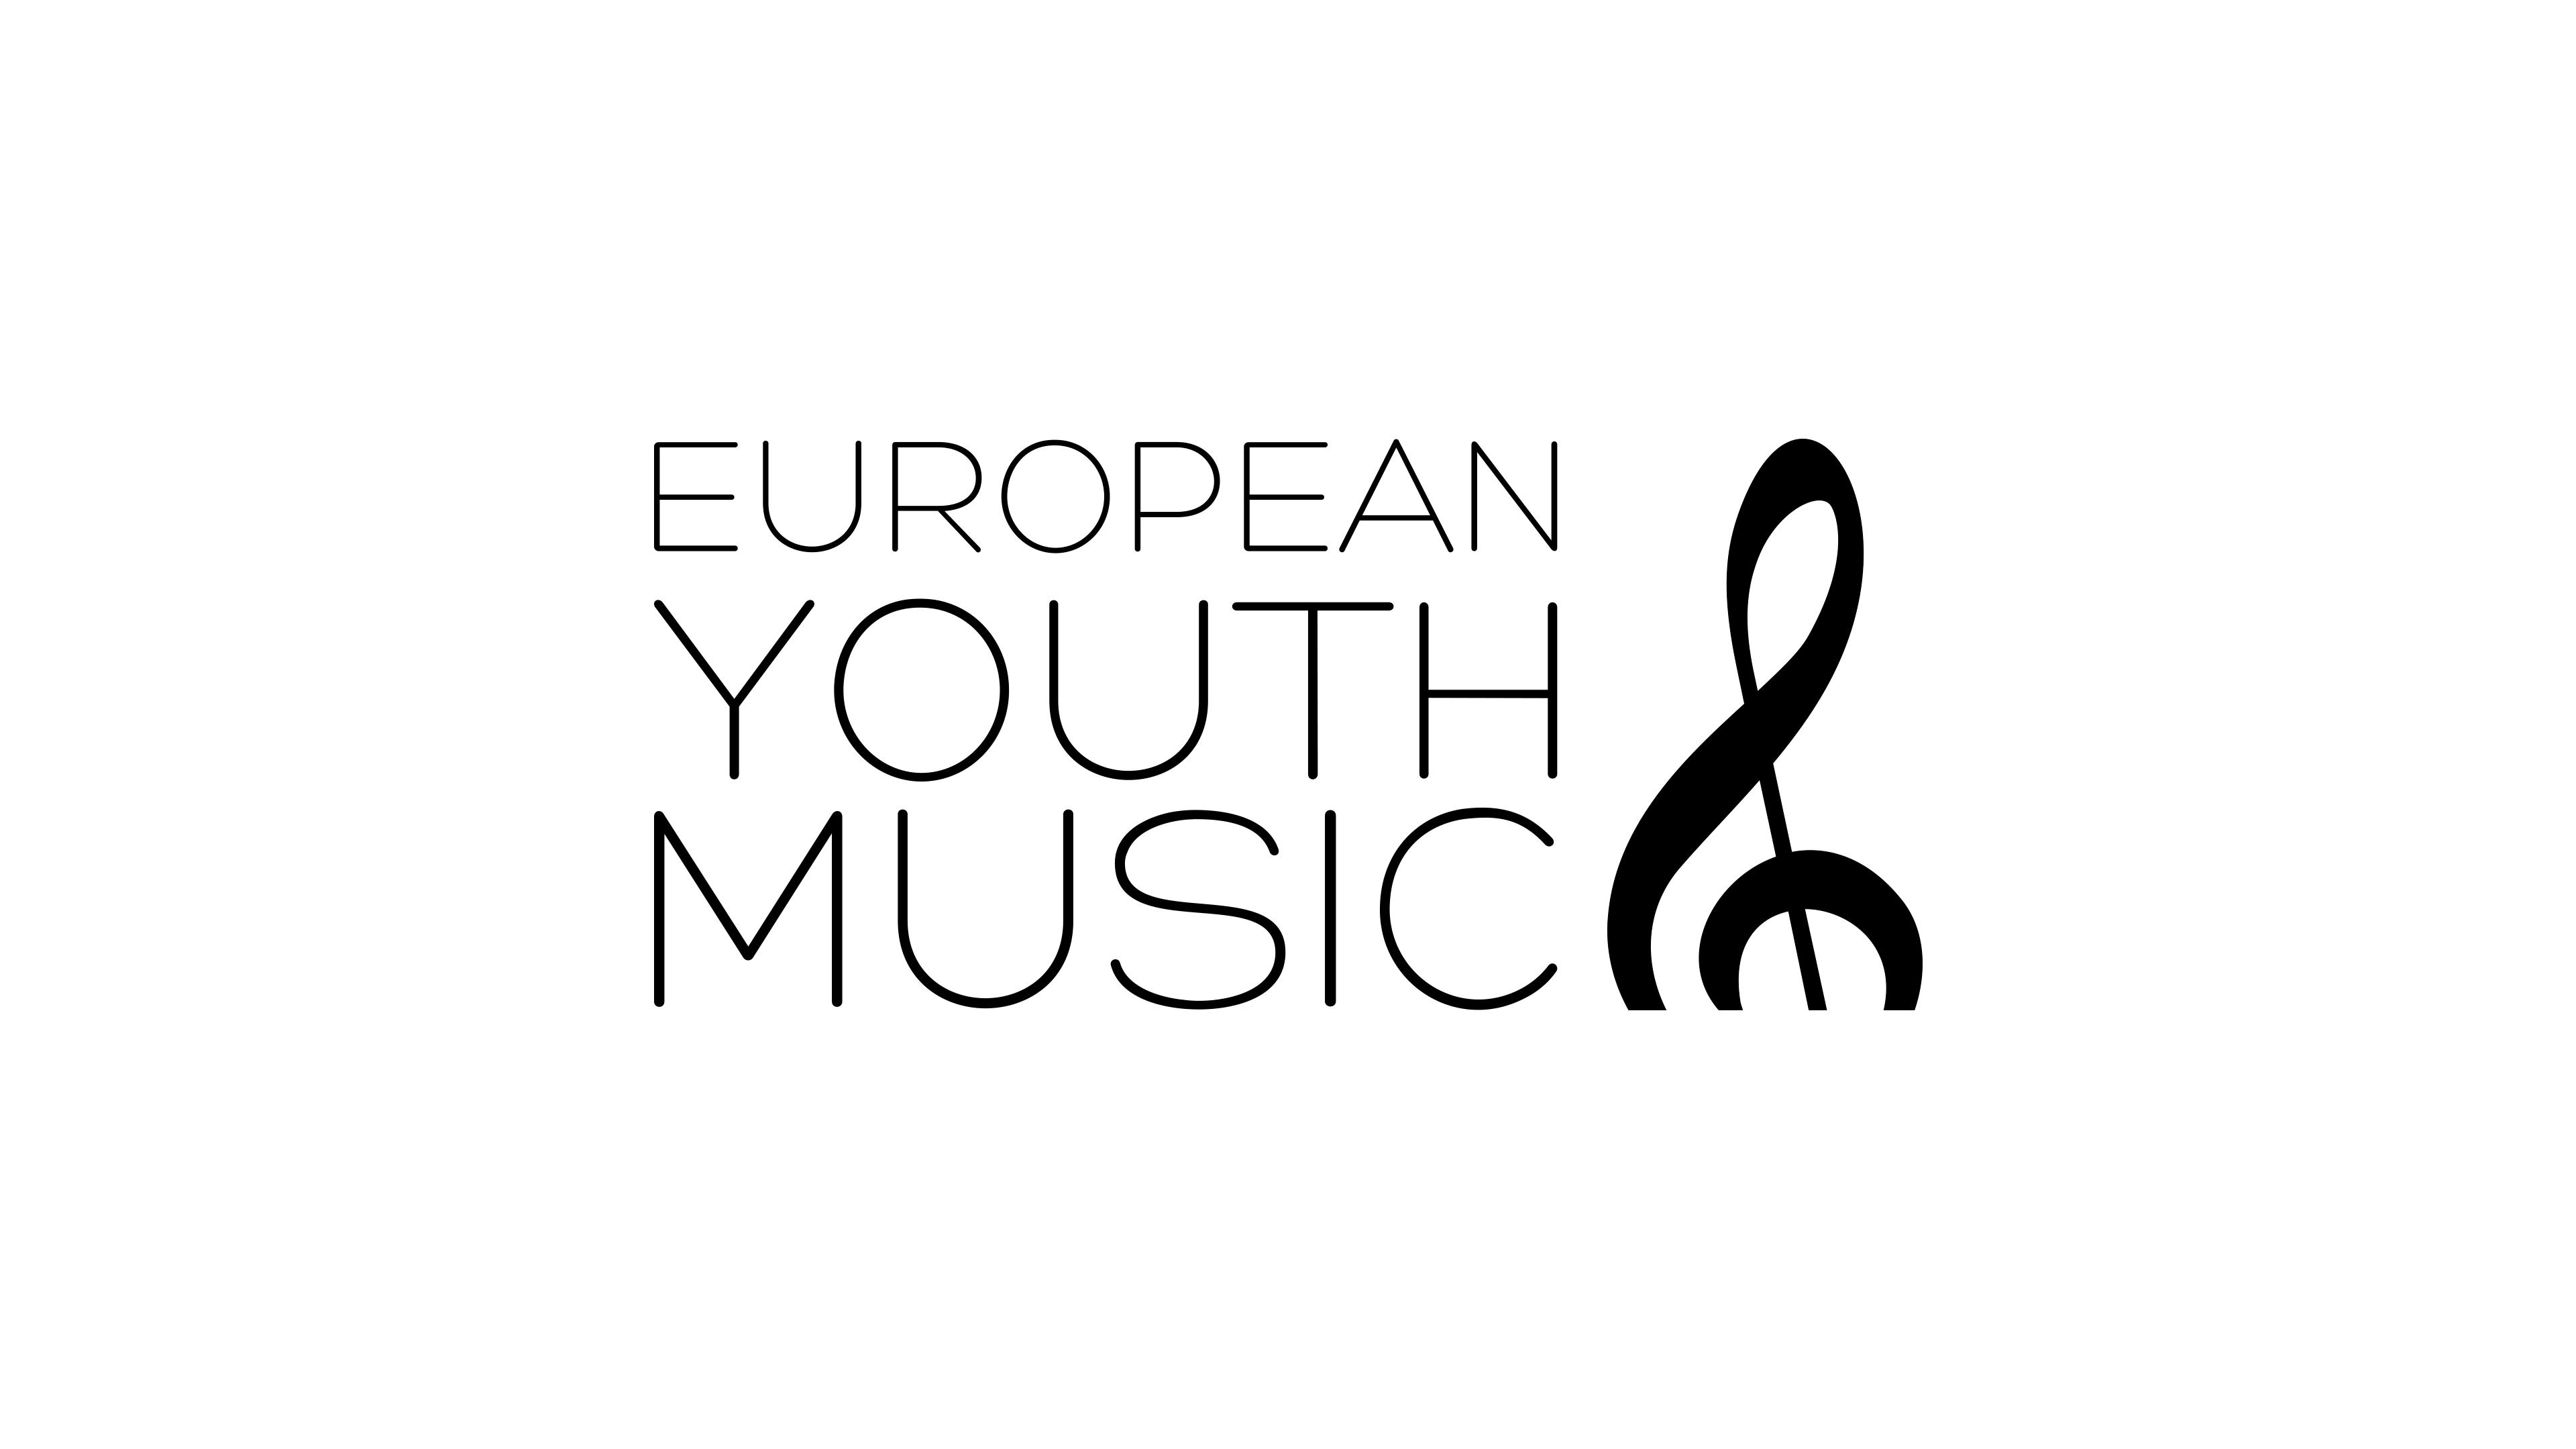 logo_eym_black_16_9_4k.png